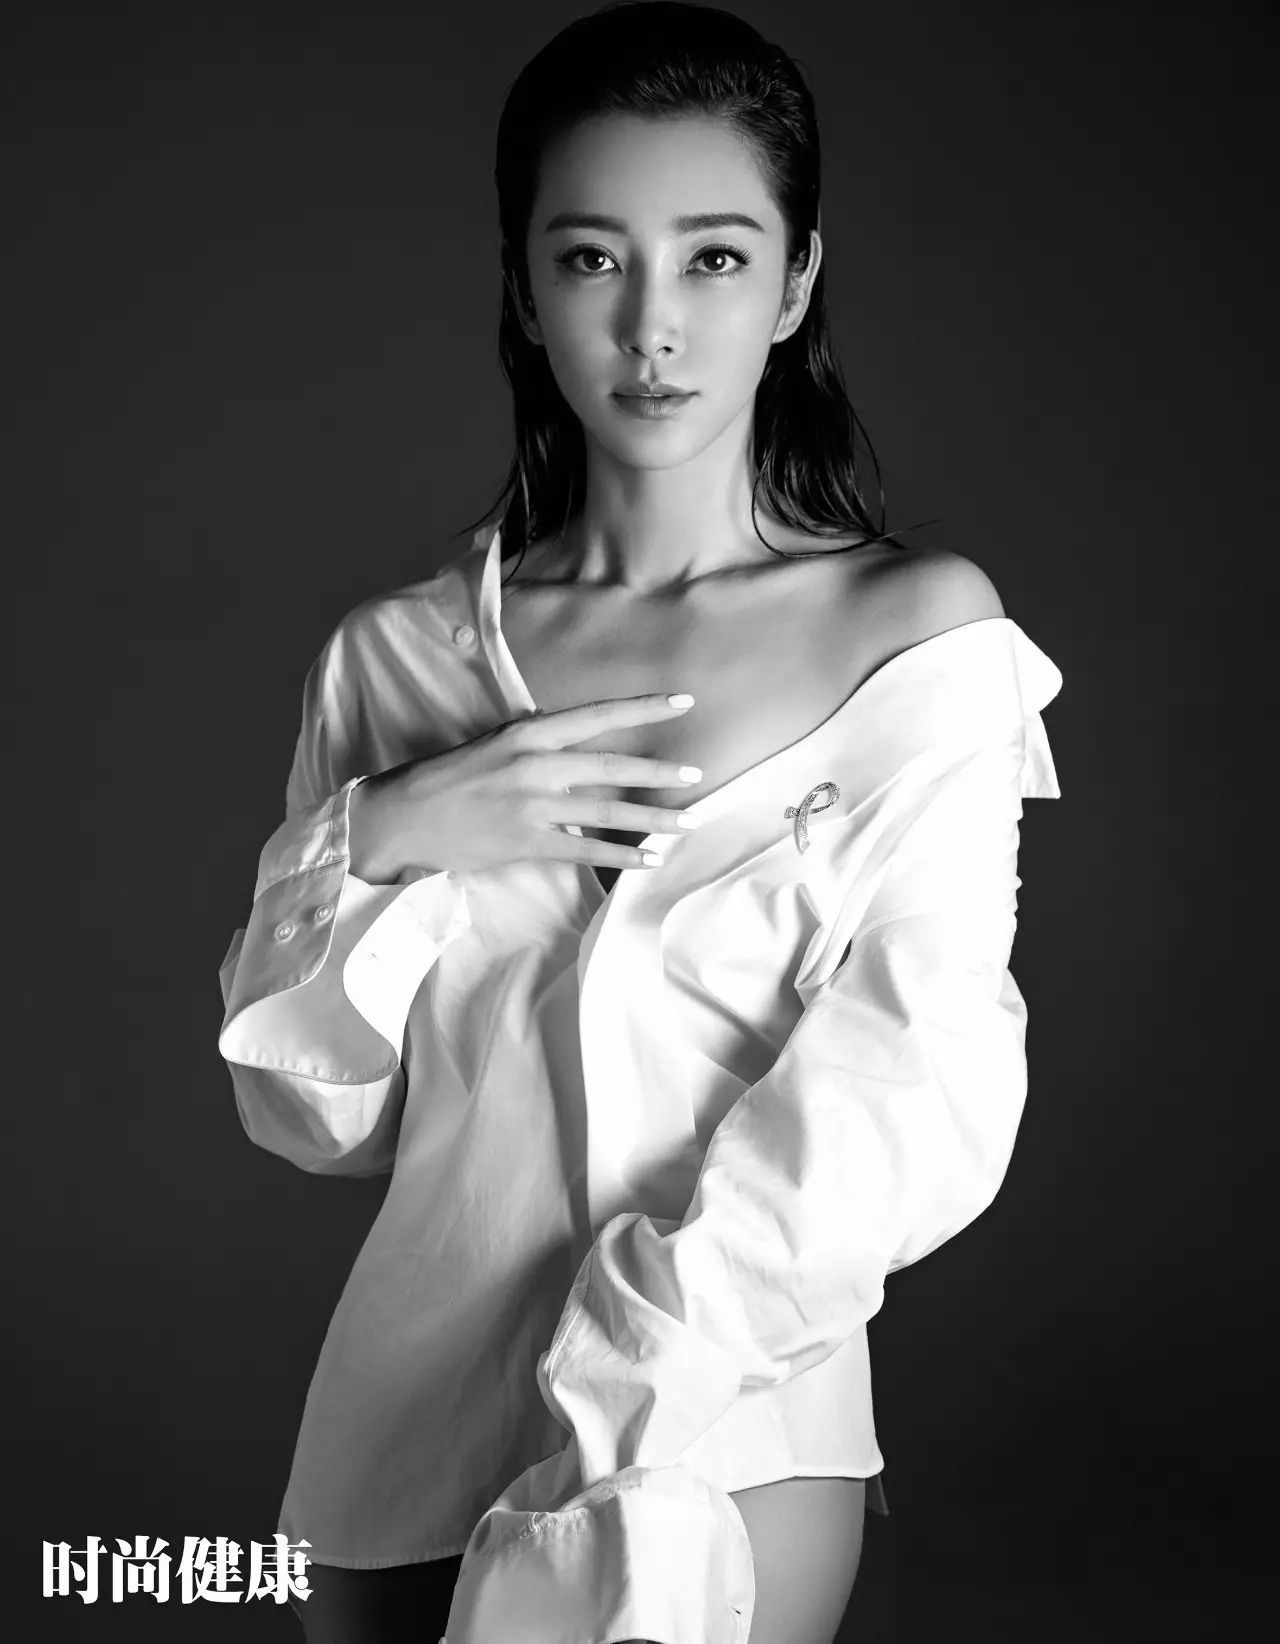 时尚健康(杨幂陶虹李艾粉红丝带运动)2011.10_孔夫子旧书网